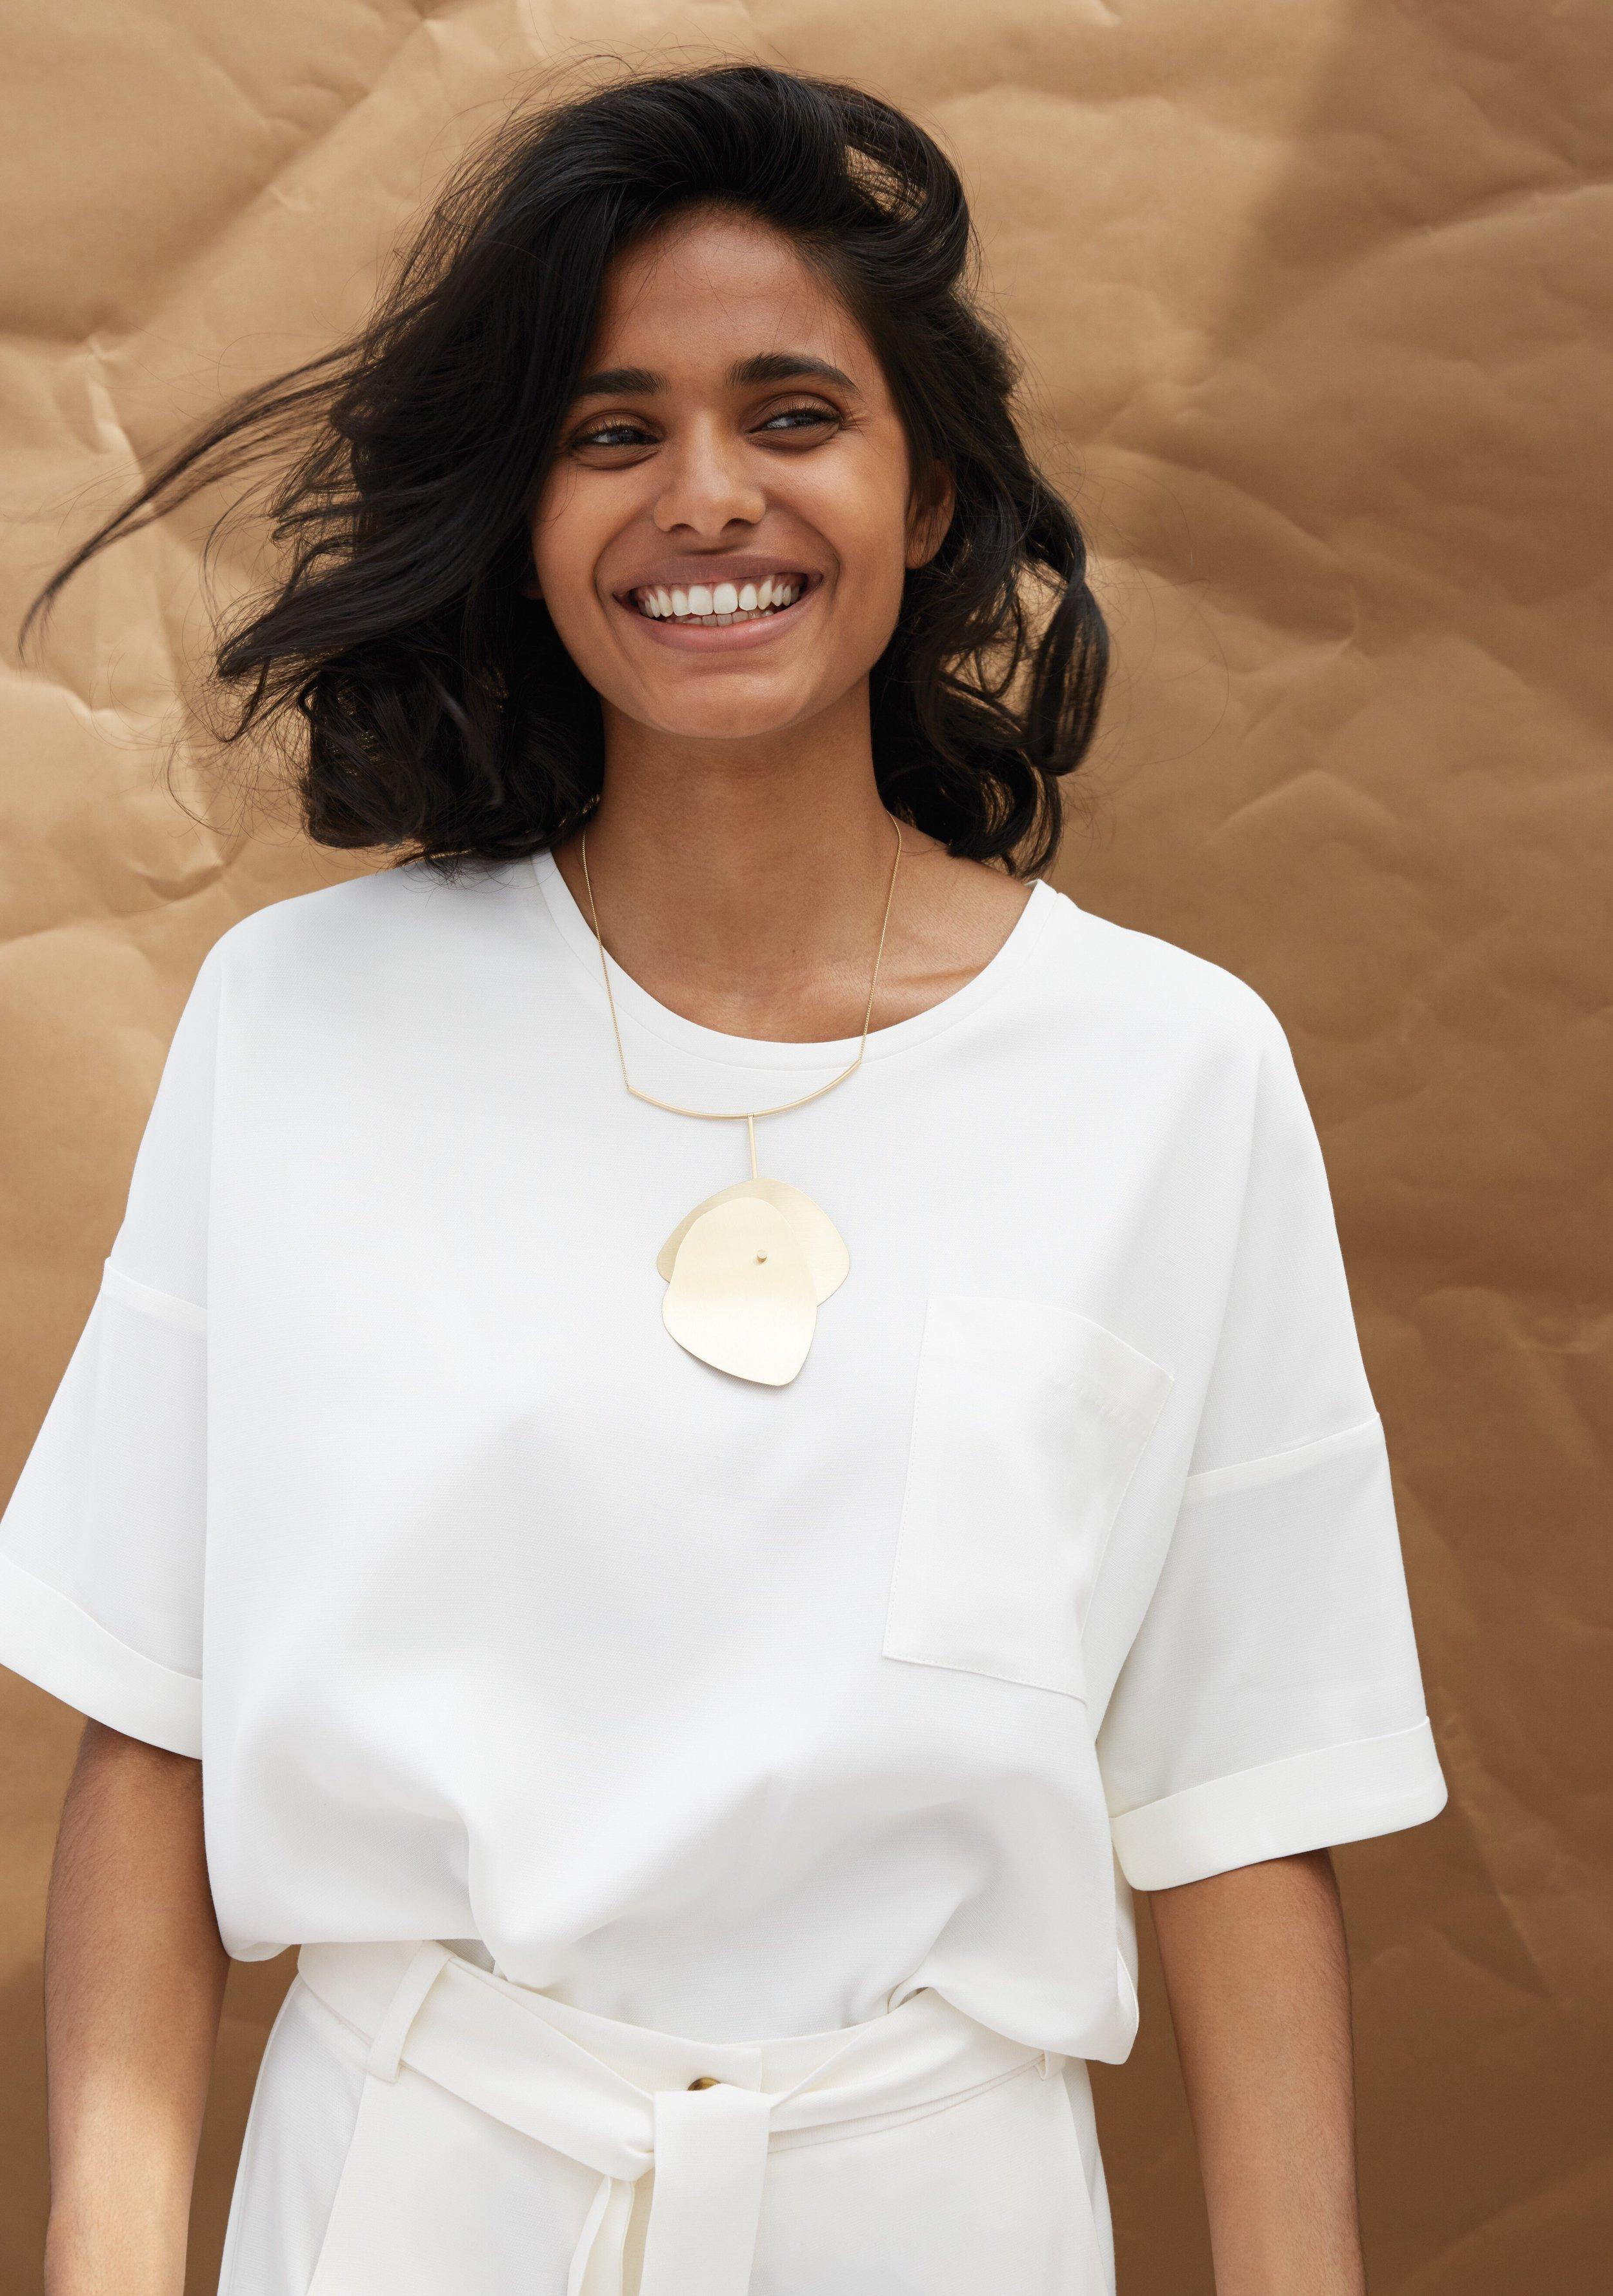 Image: Rhumaa / Mamoq.com